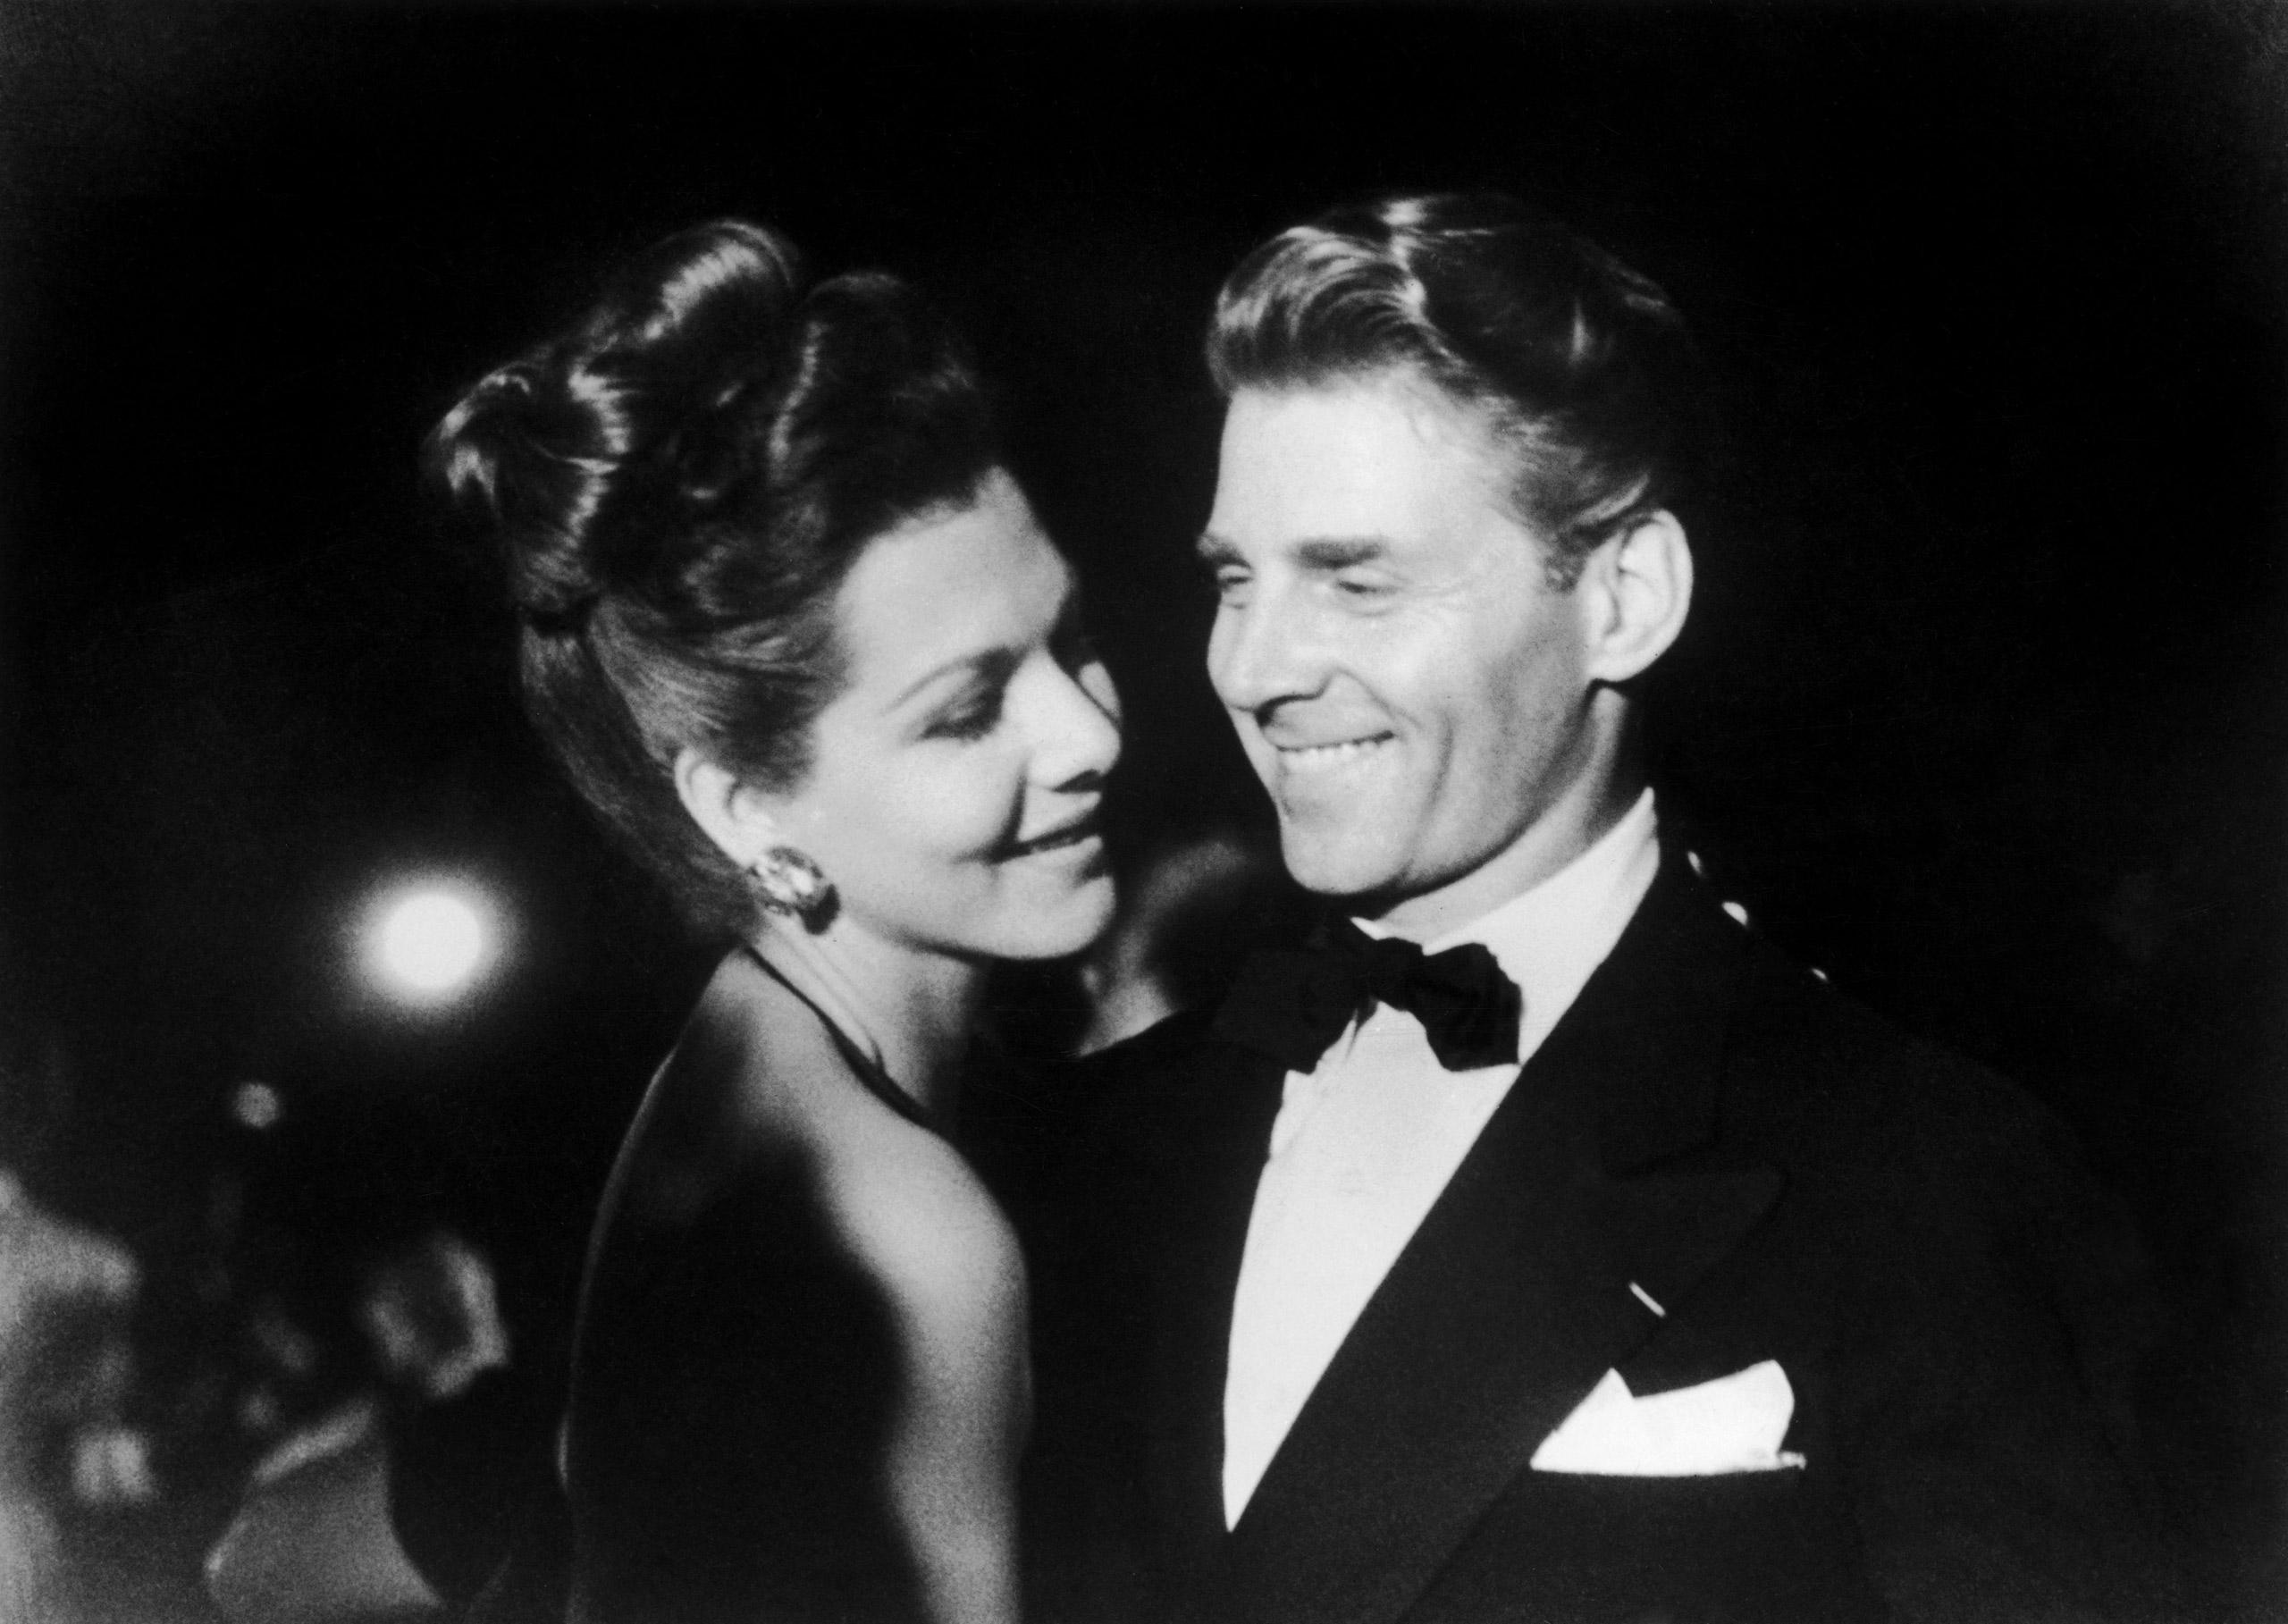 Jean-Pierre Aumont and Maria Montez at Cannes Film Festival, 1946.